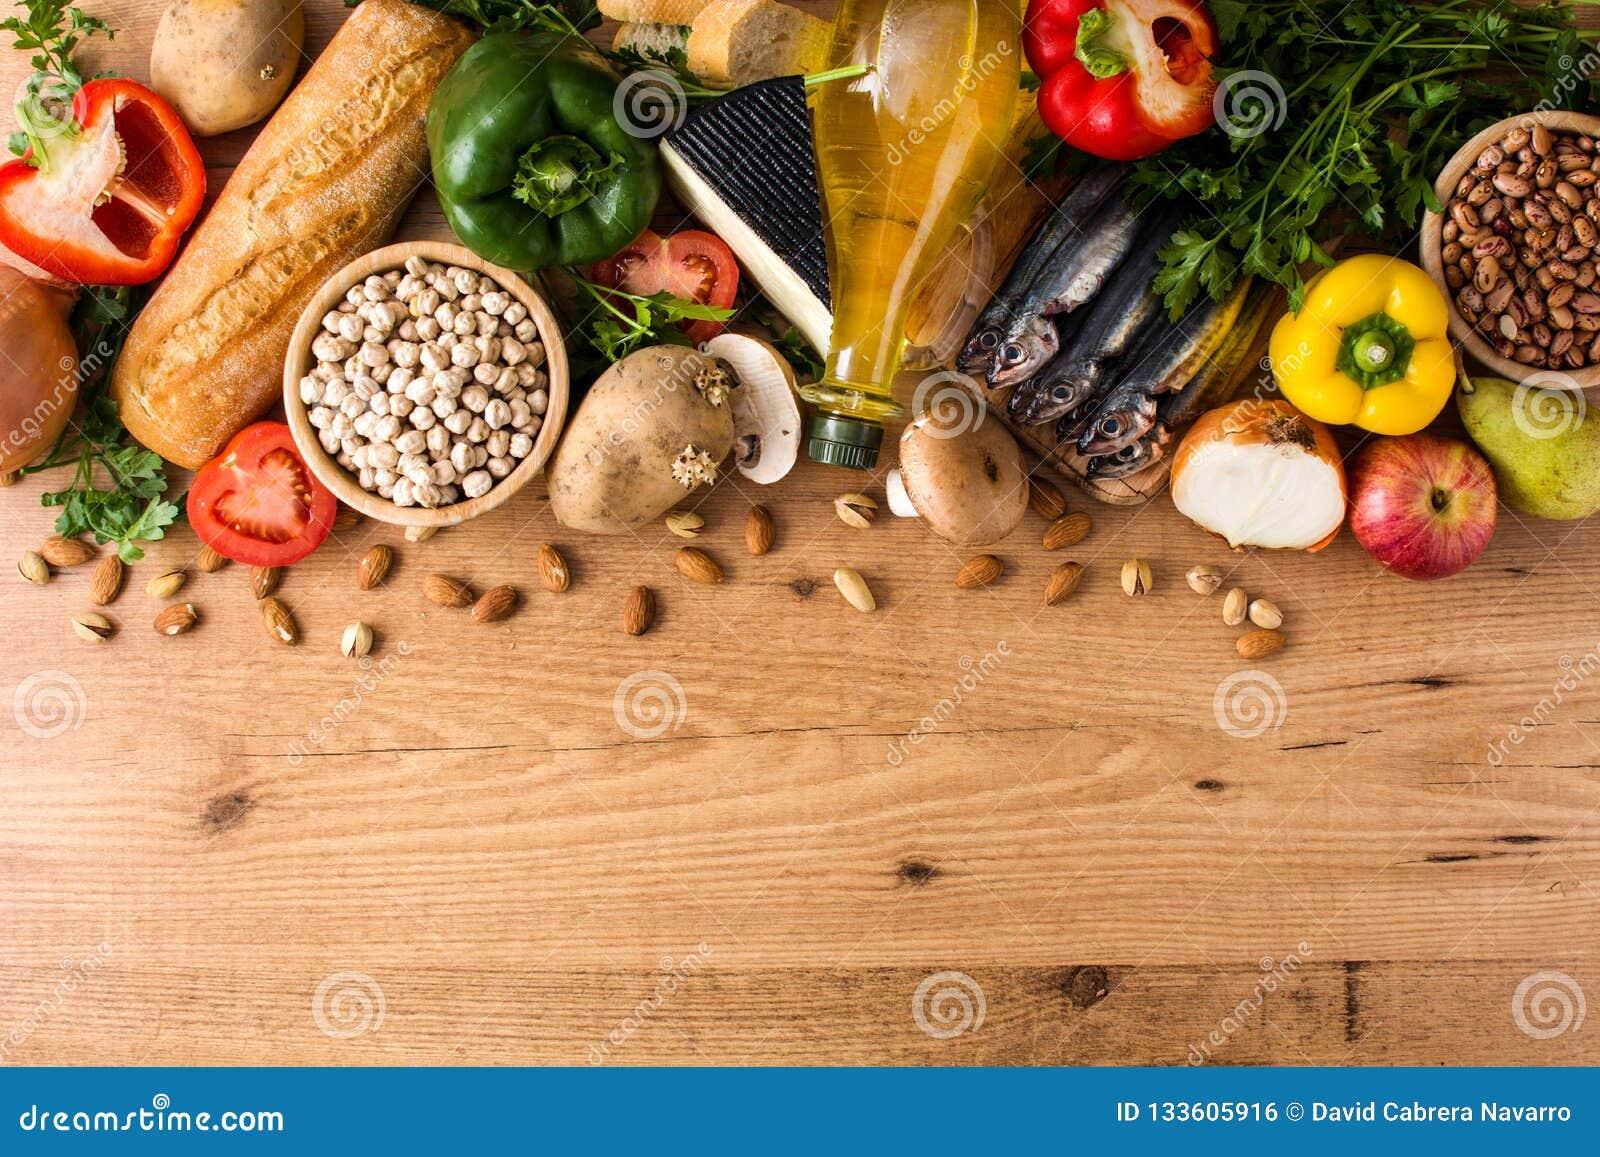 Cibo sano dieta mediterranea Frutta, verdure, grano, olio d oliva matto e pesce su legno